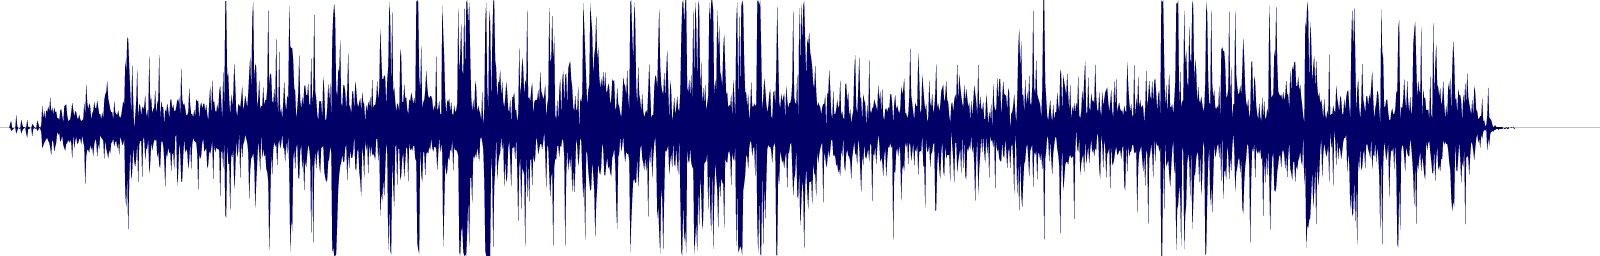 waveform of track #150203